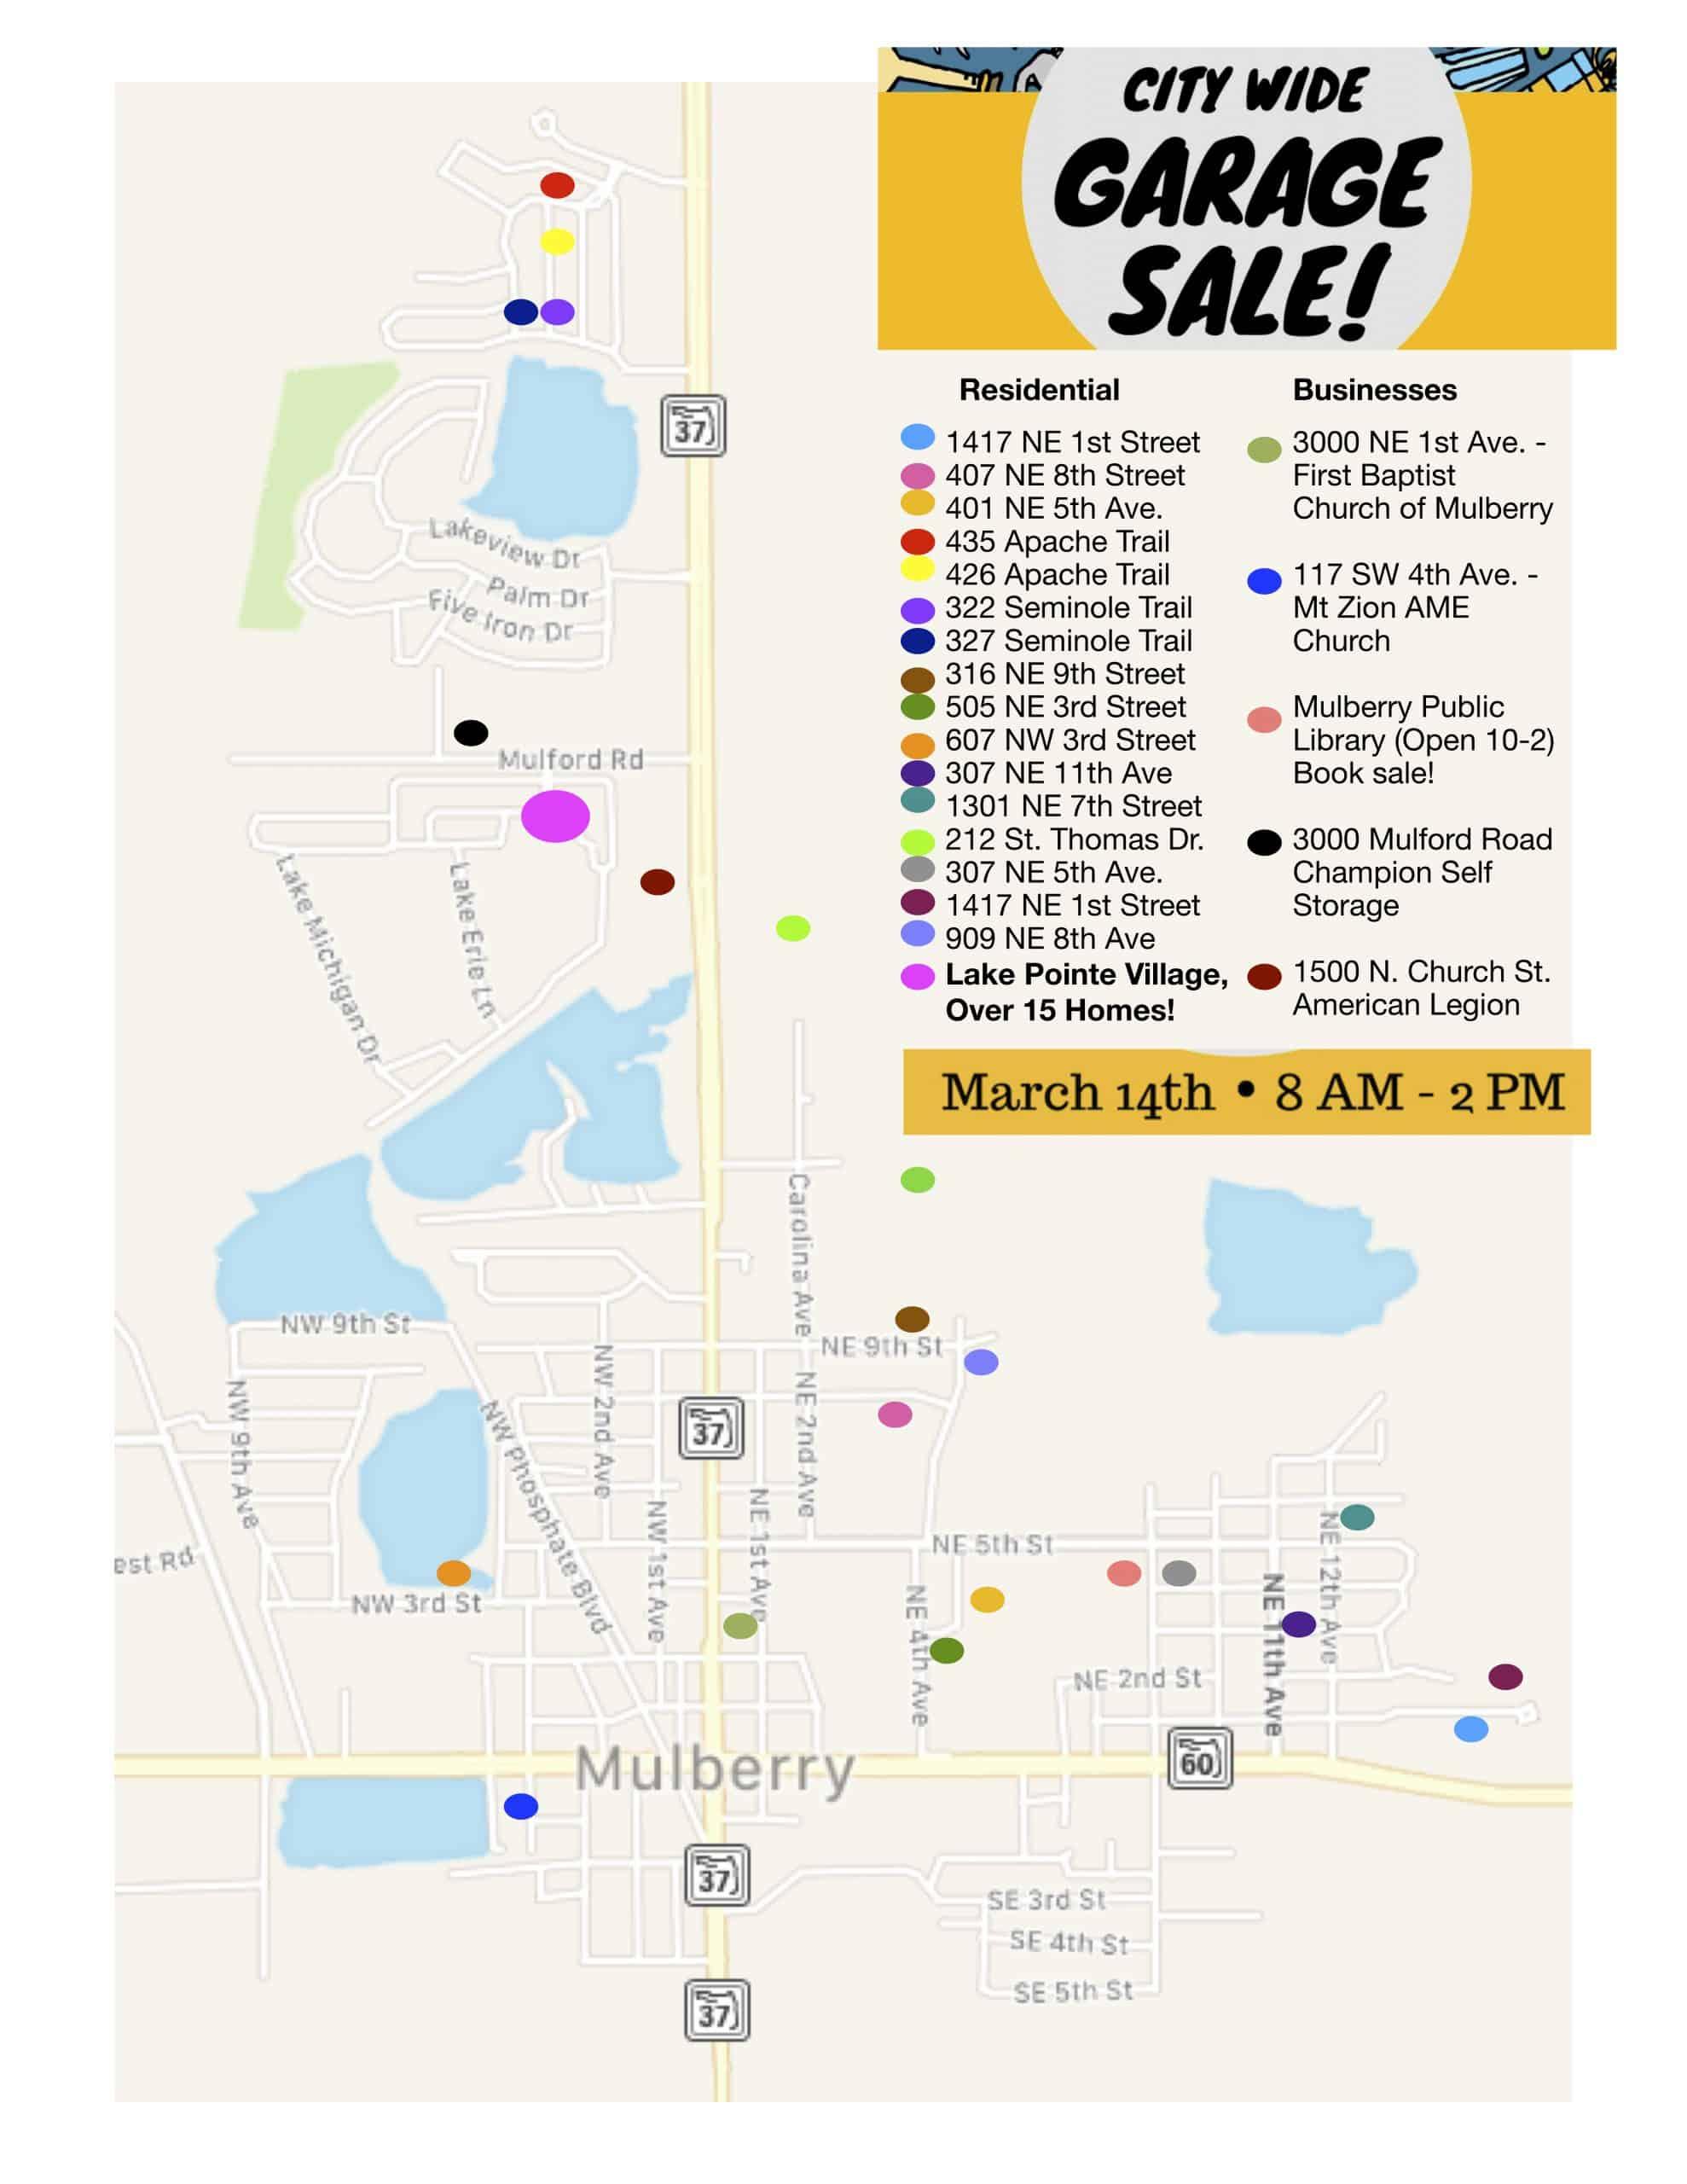 City Wide Garage Sale Map 2020